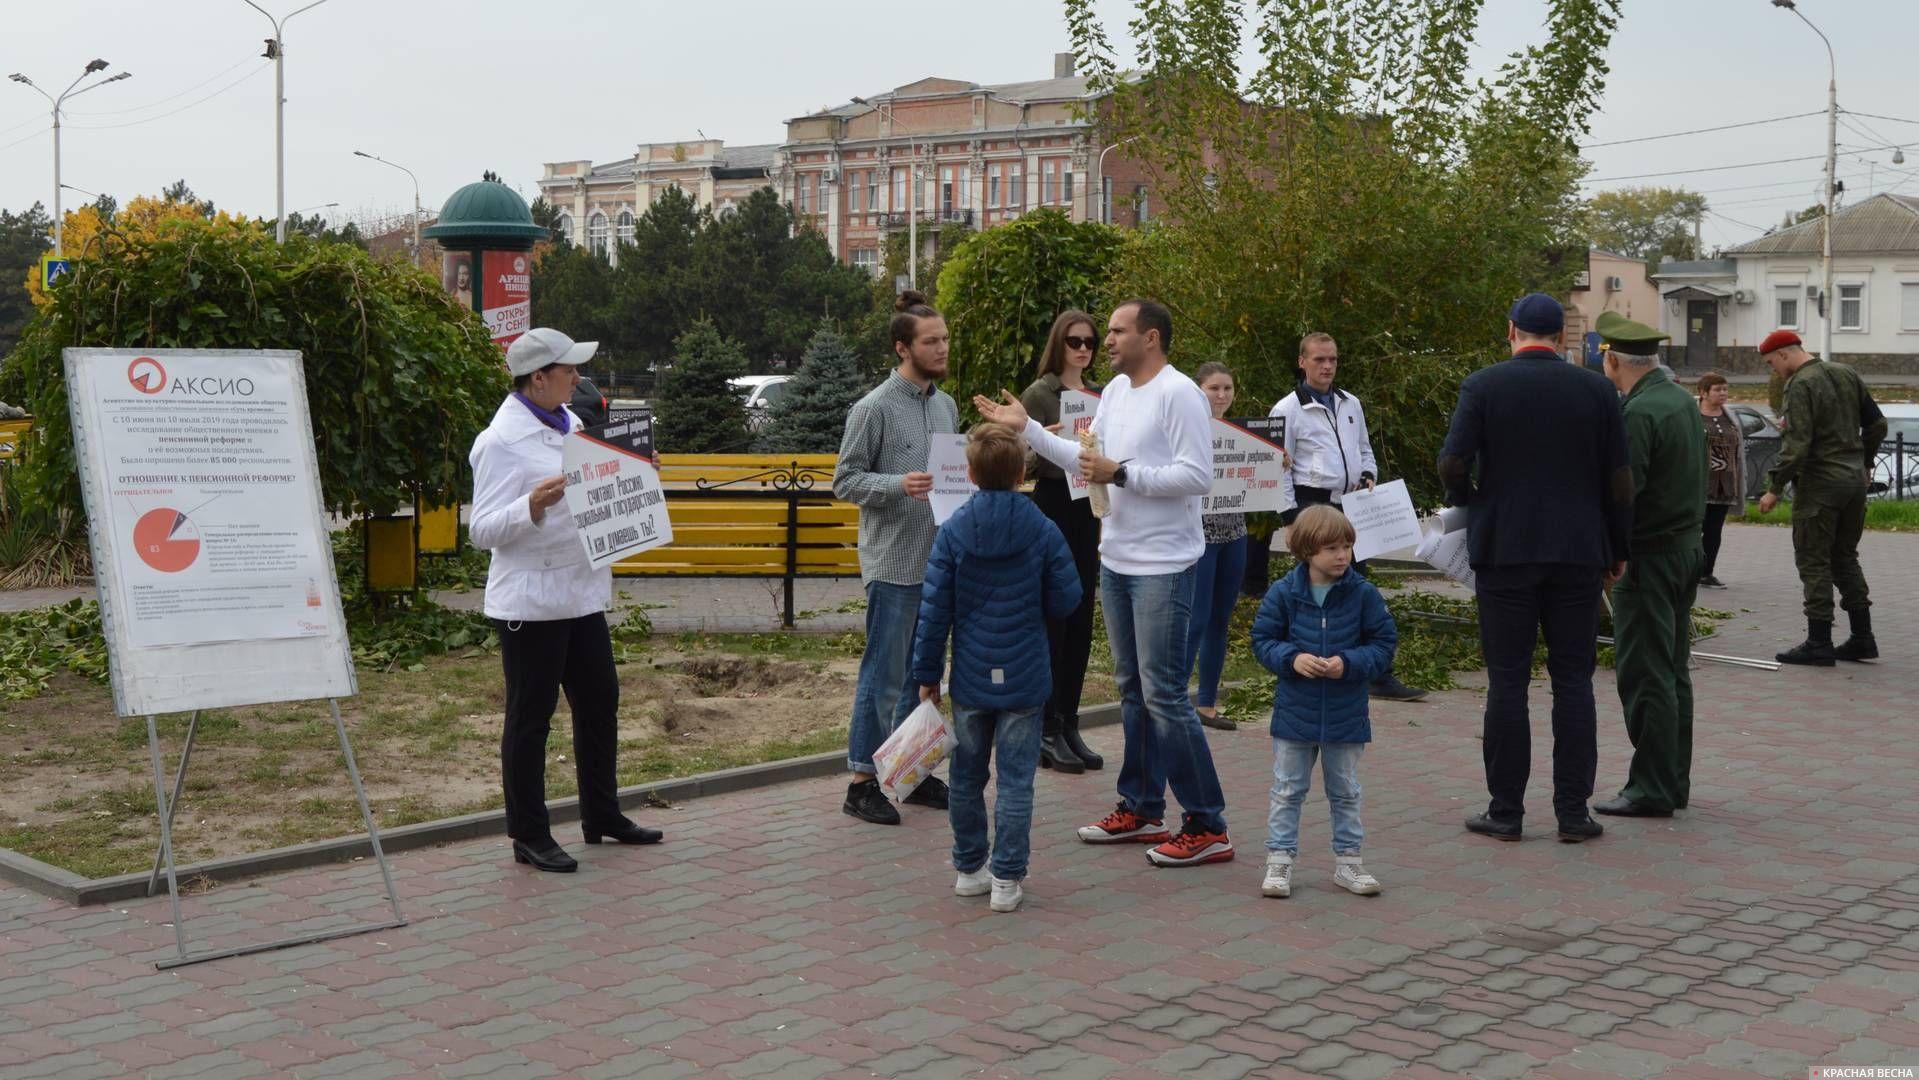 Пикет в Новочеркасске 5 октября 2019 года